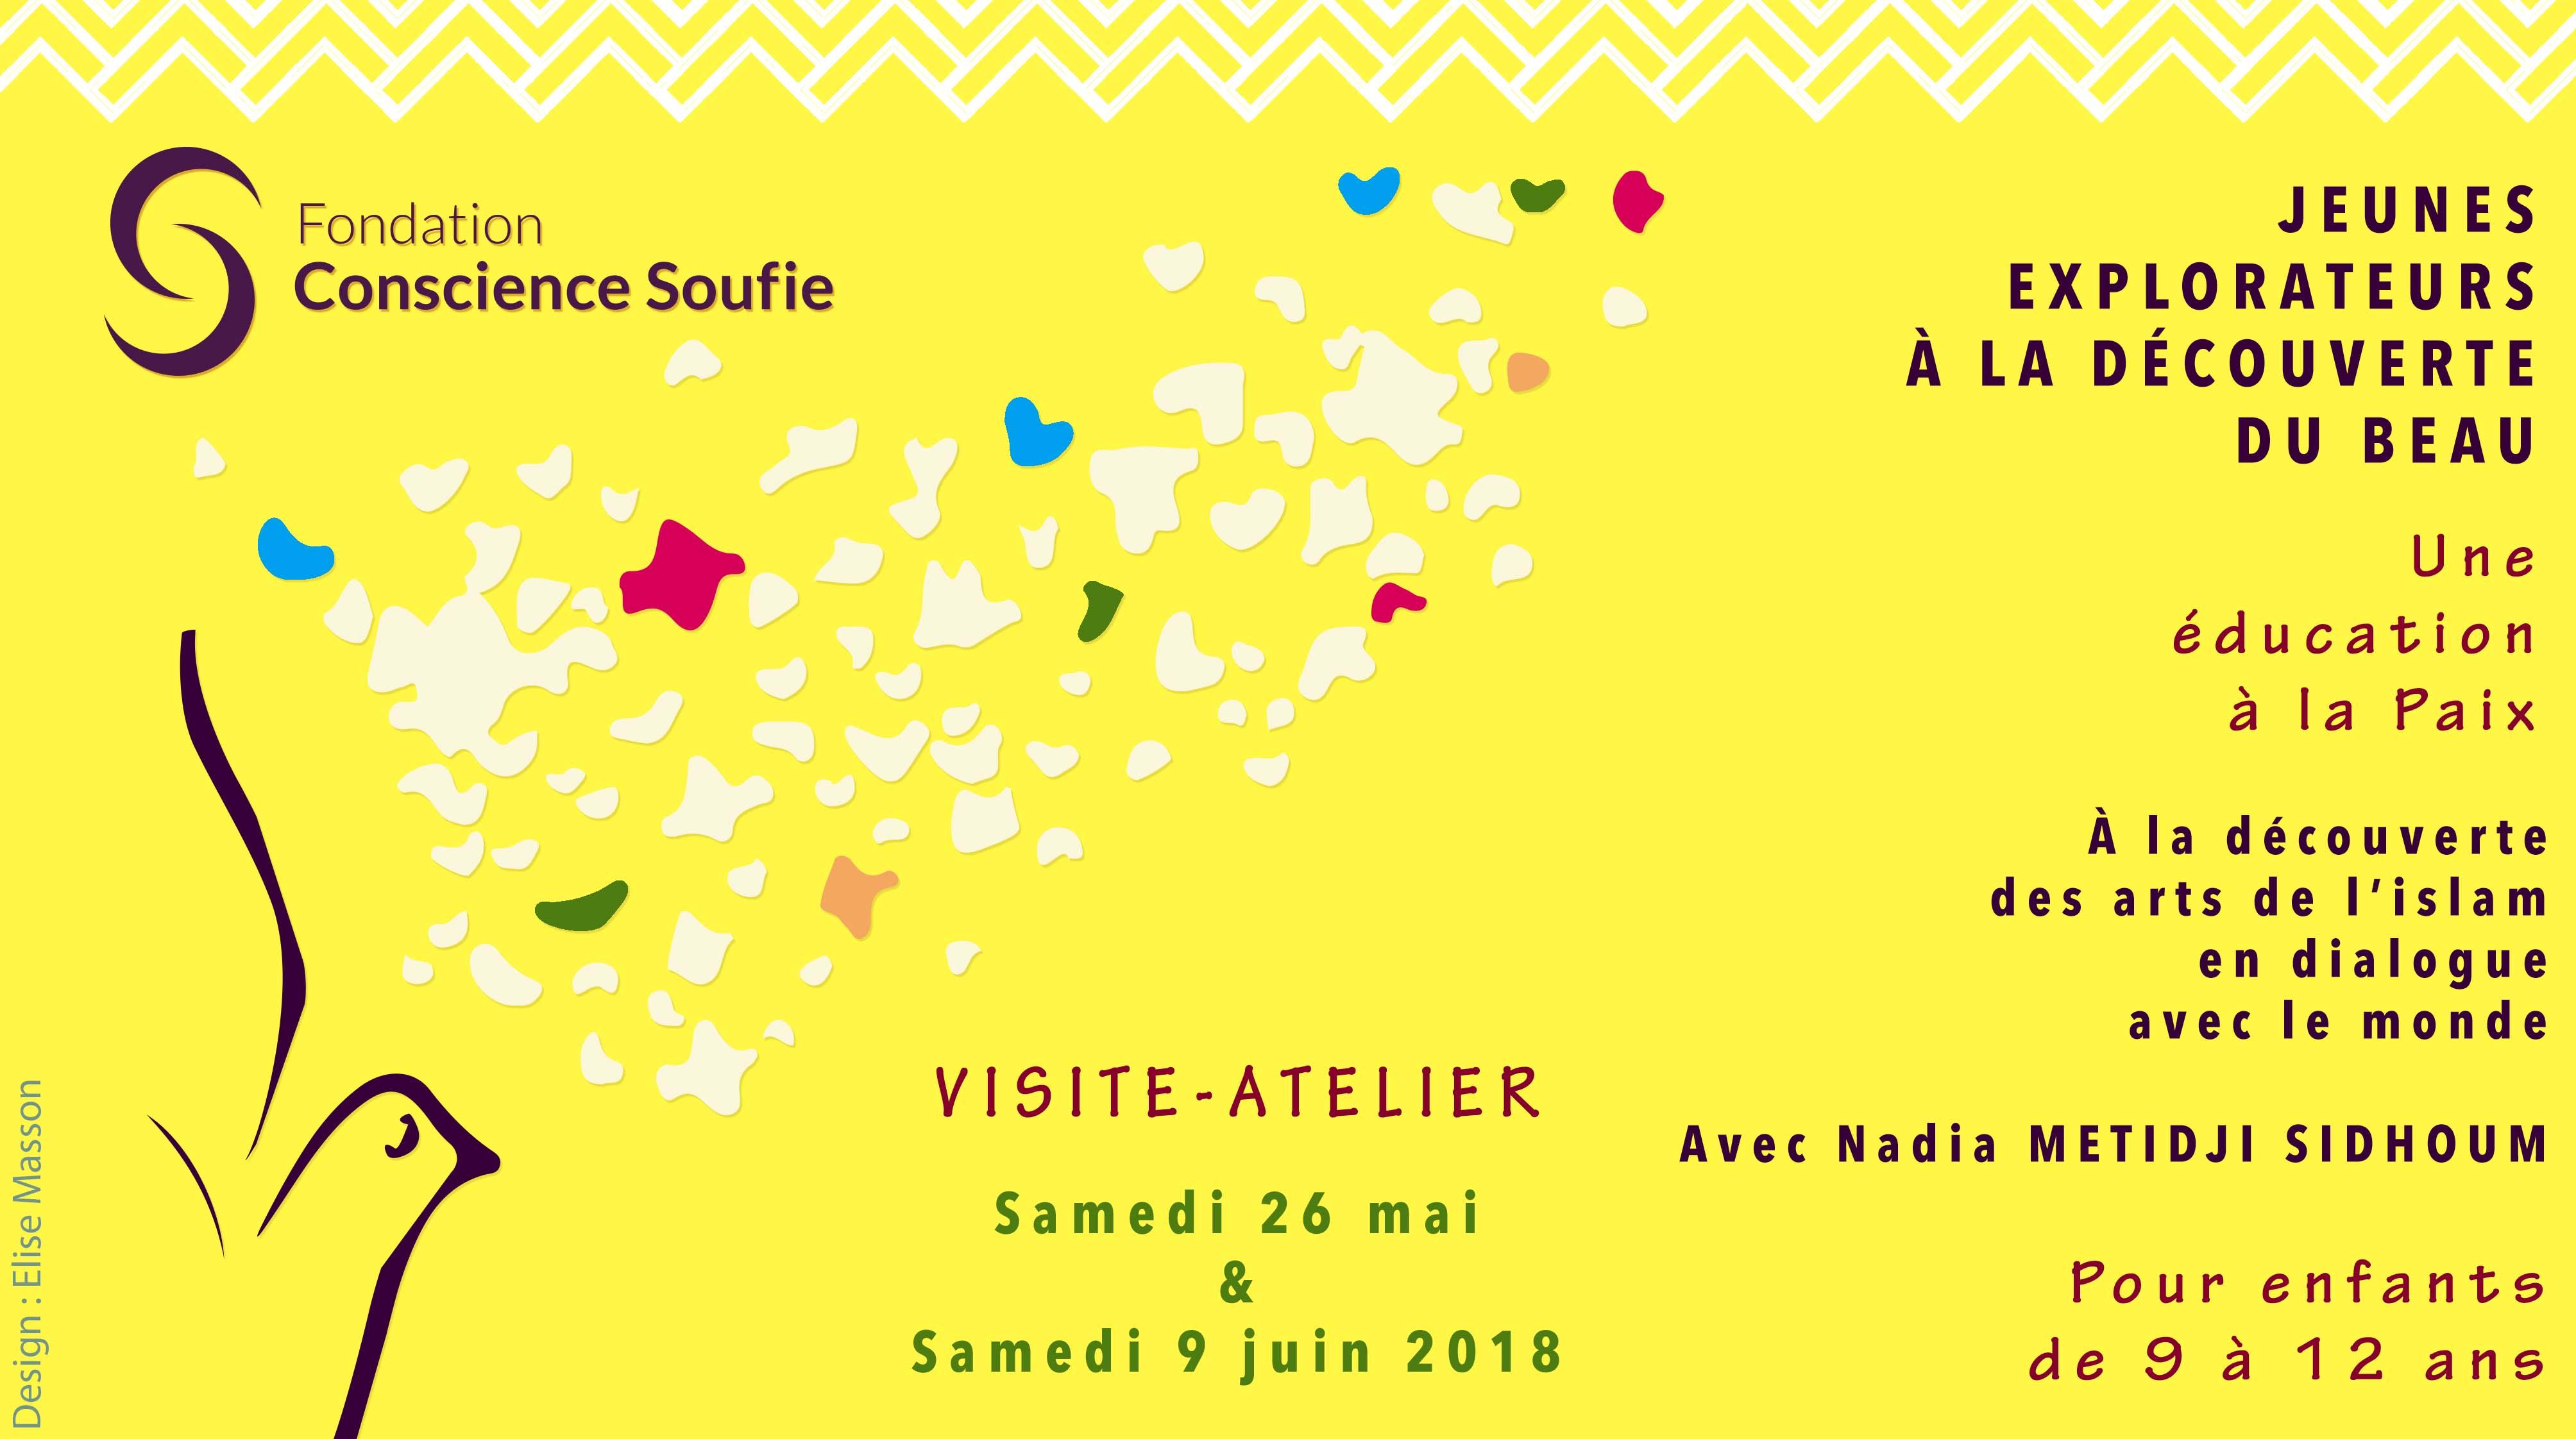 https://www.saphirnews.com/agenda/Atelier-enfant-a-la-decouverte-du-beau_ae577472.html